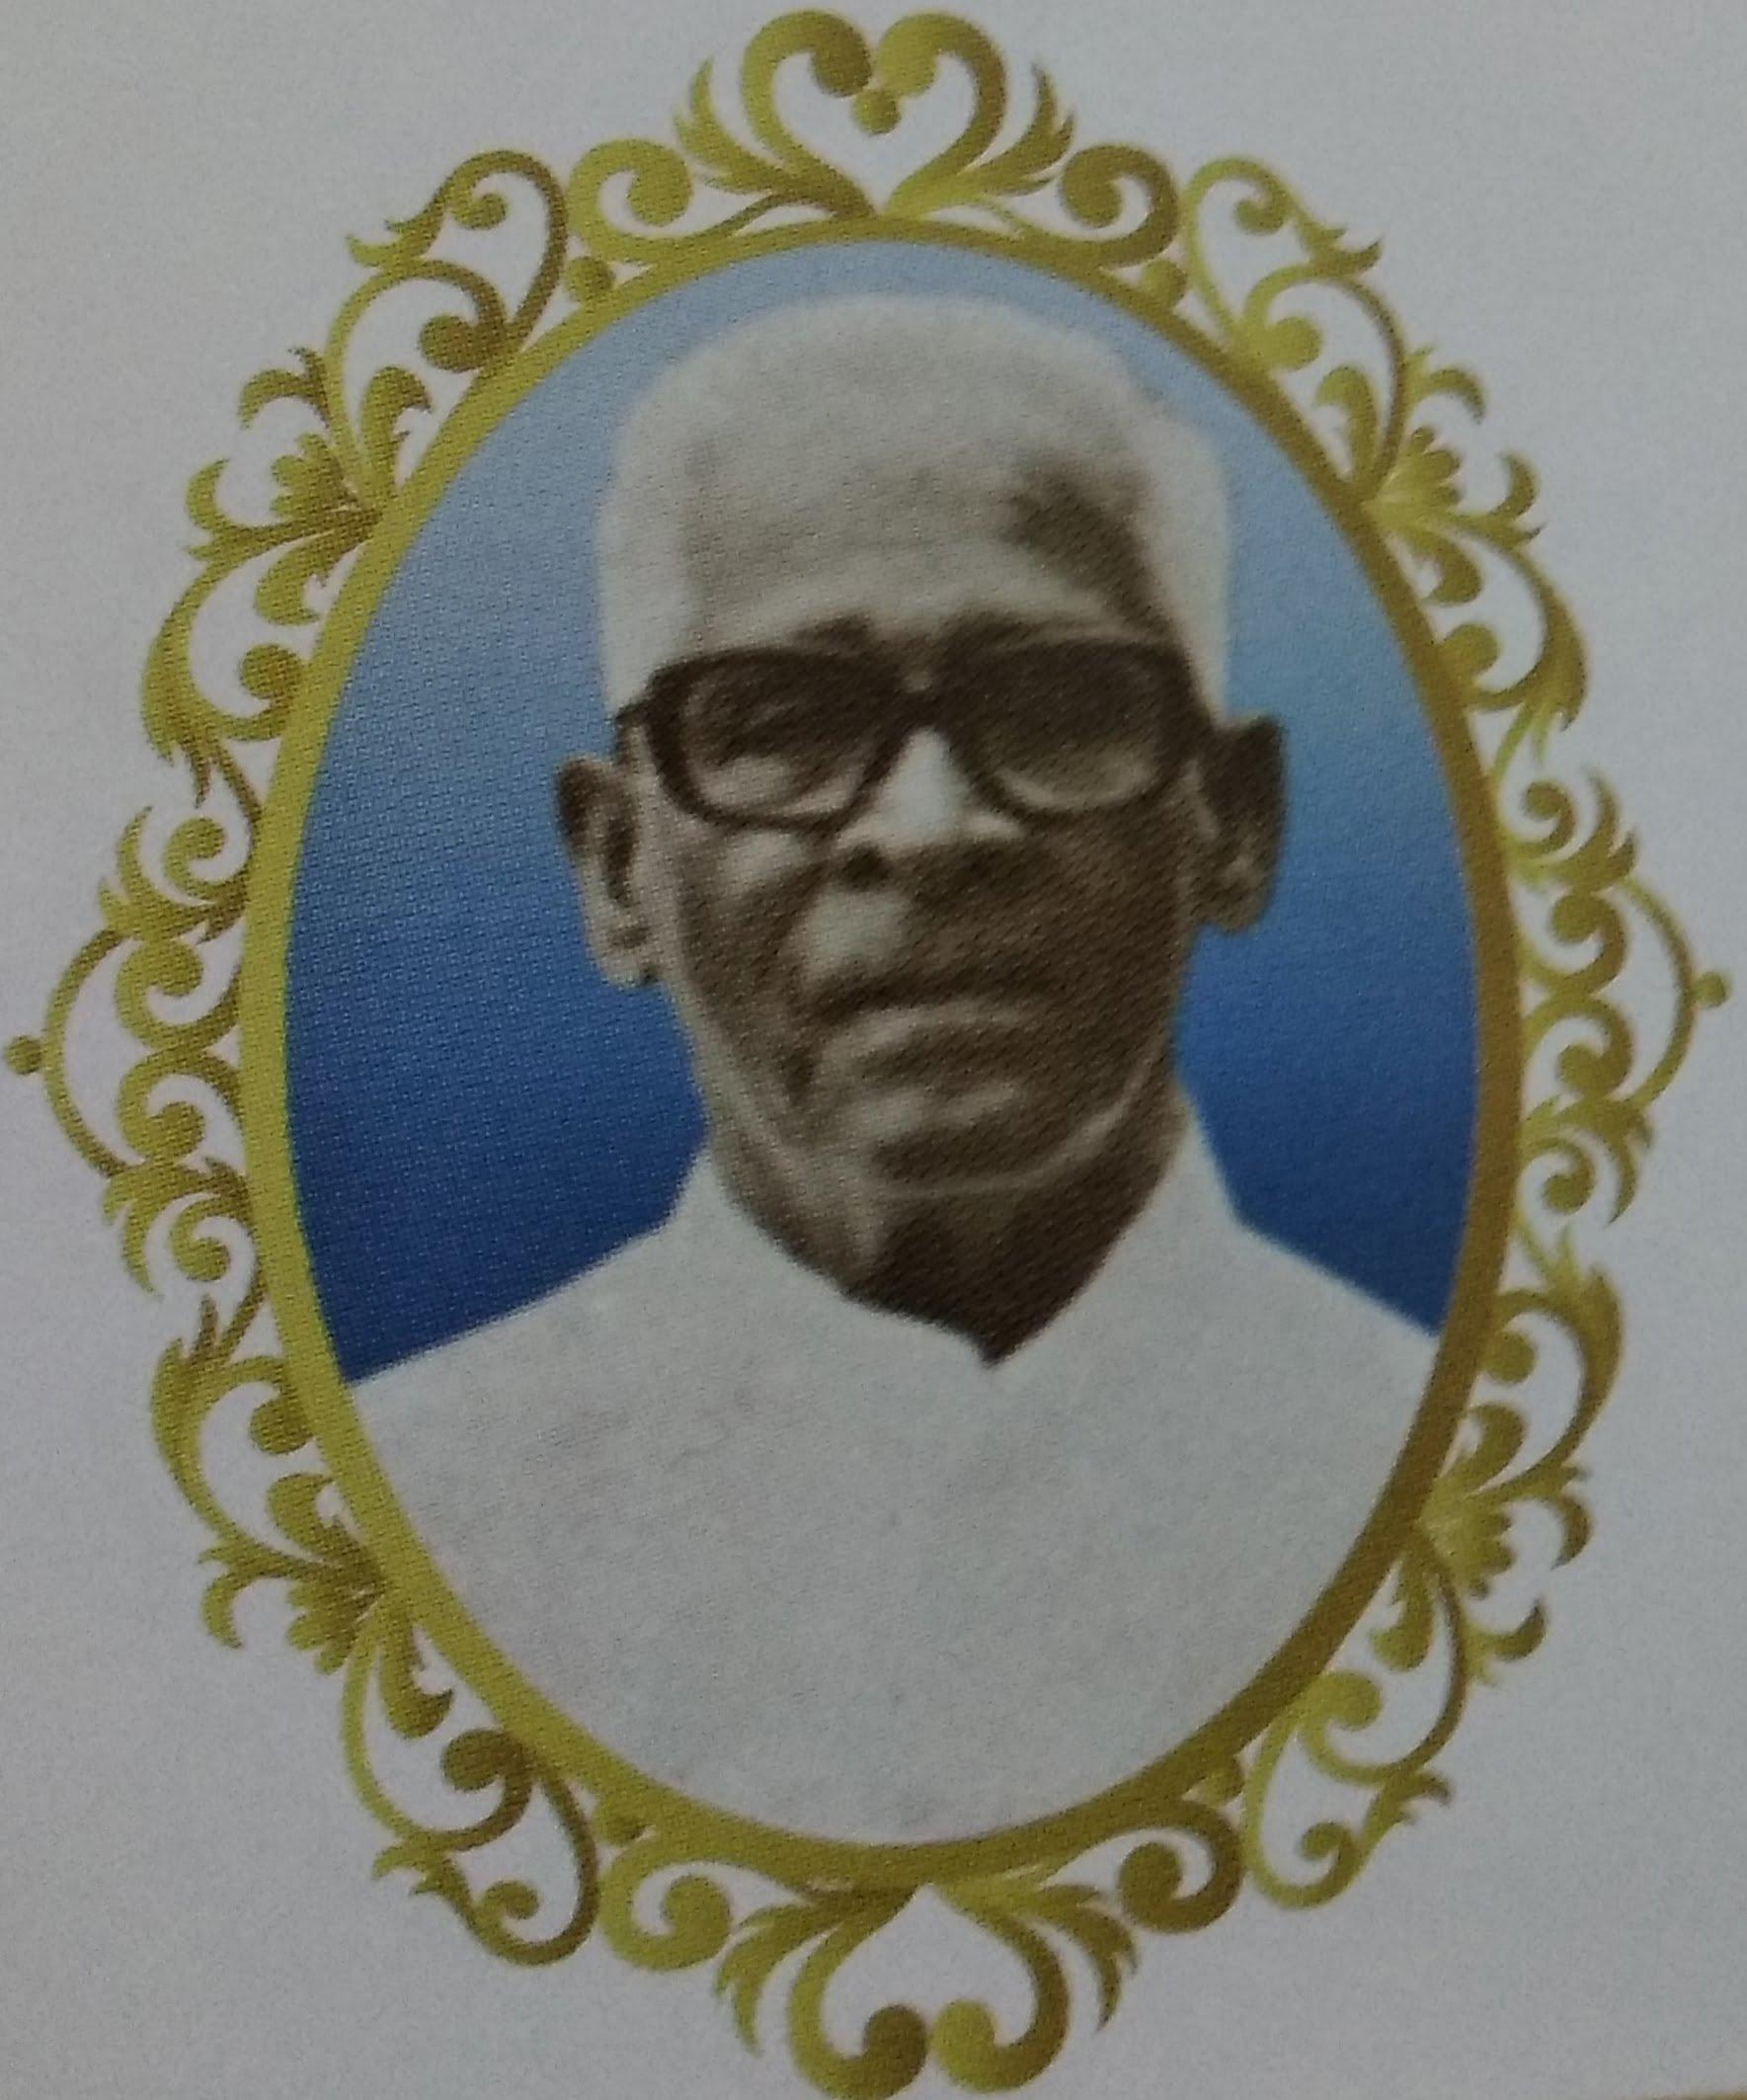 Msgr. George Ittikunnath